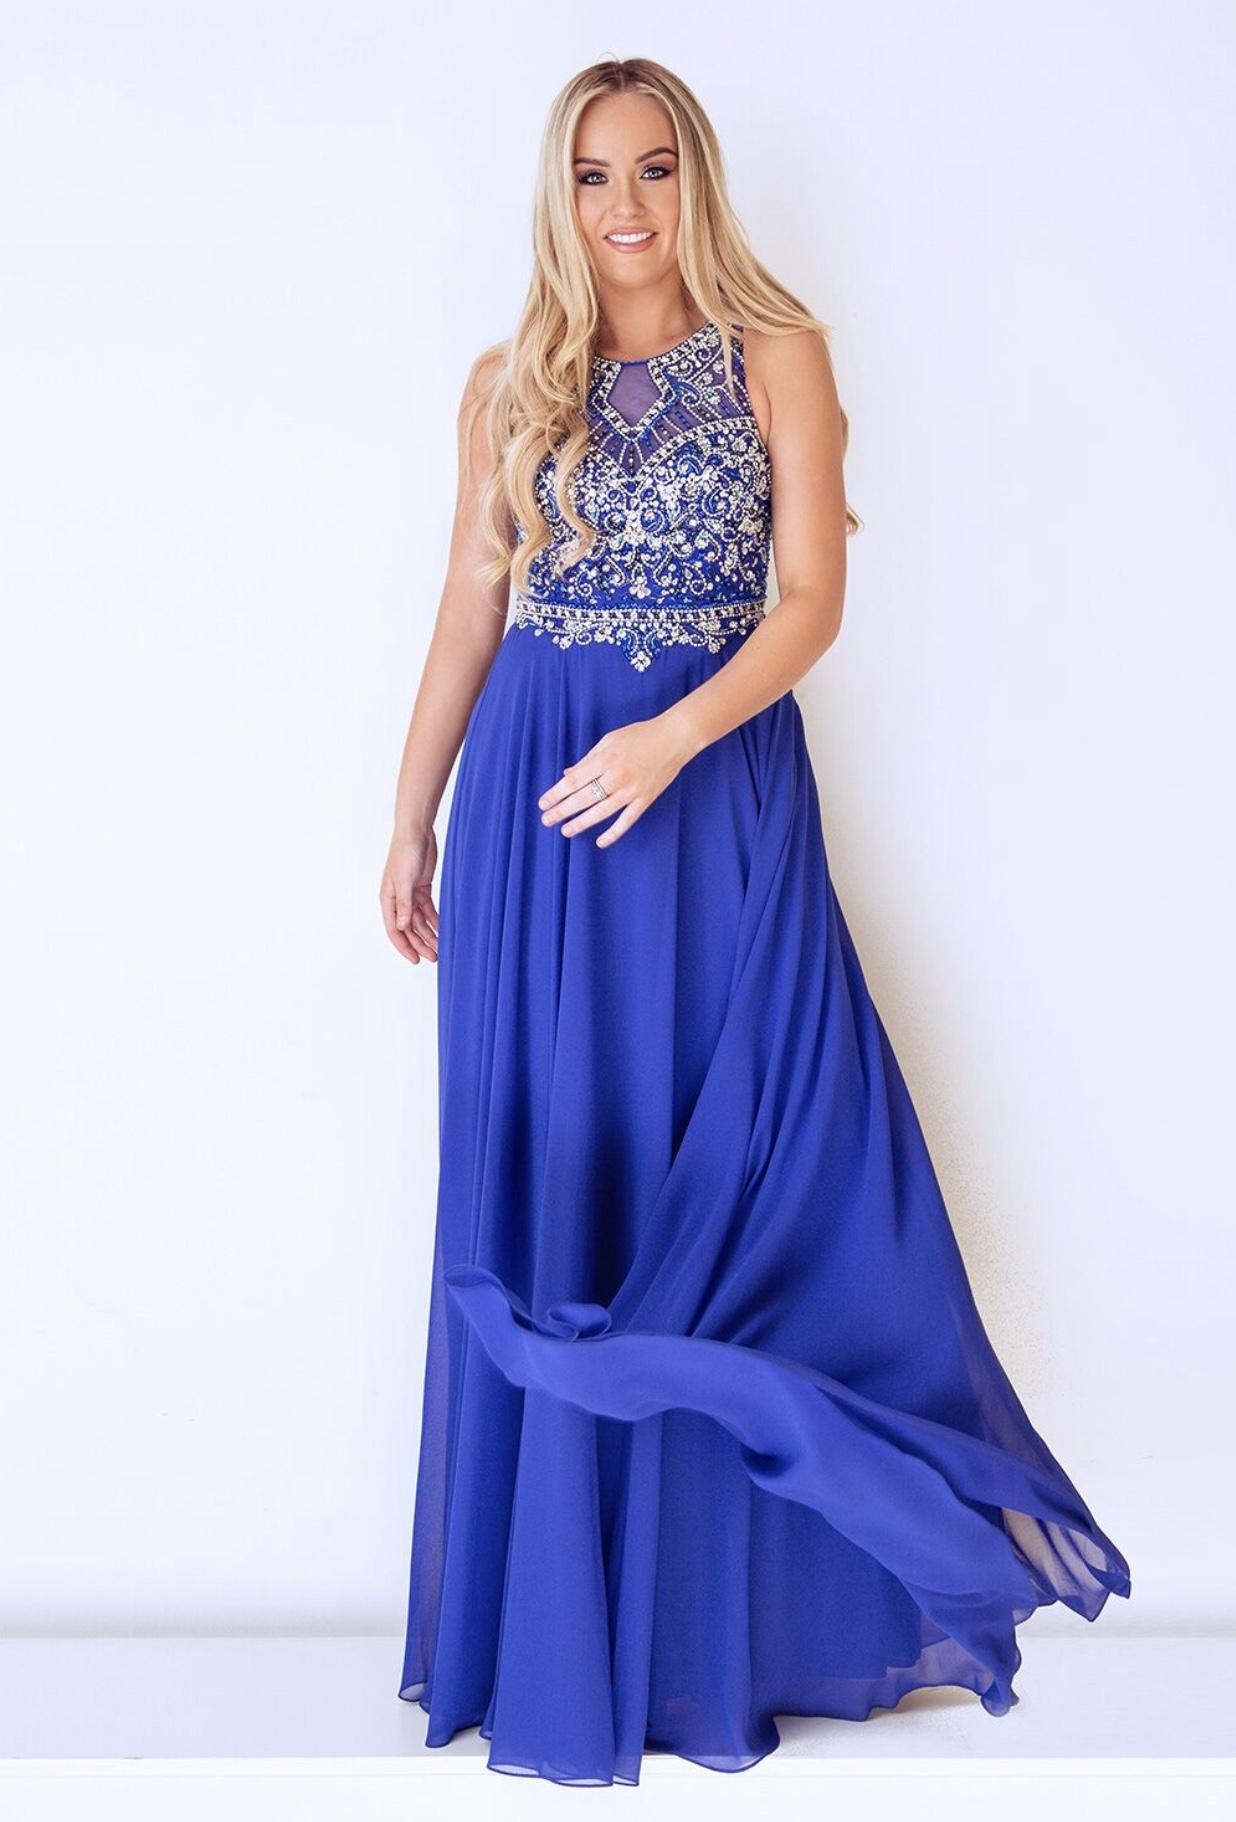 Dynasty London 1023007 Jewel Blue - Ladida Boutique 67063b1b9